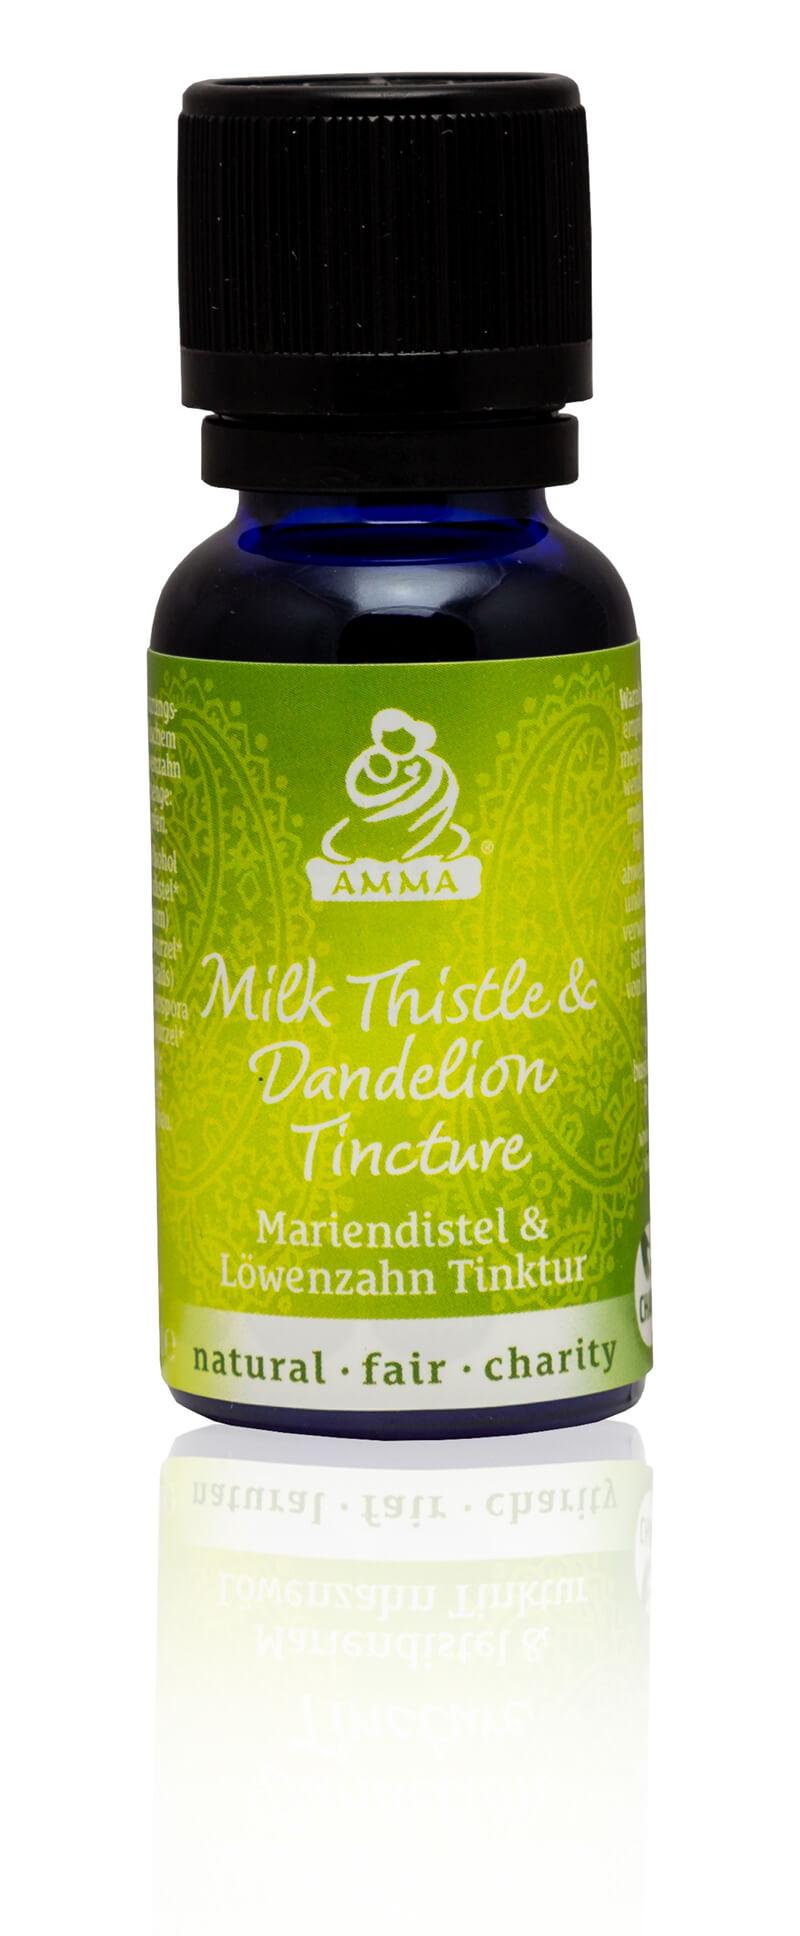 Milk Thistle & Dandelion Tincture, organic